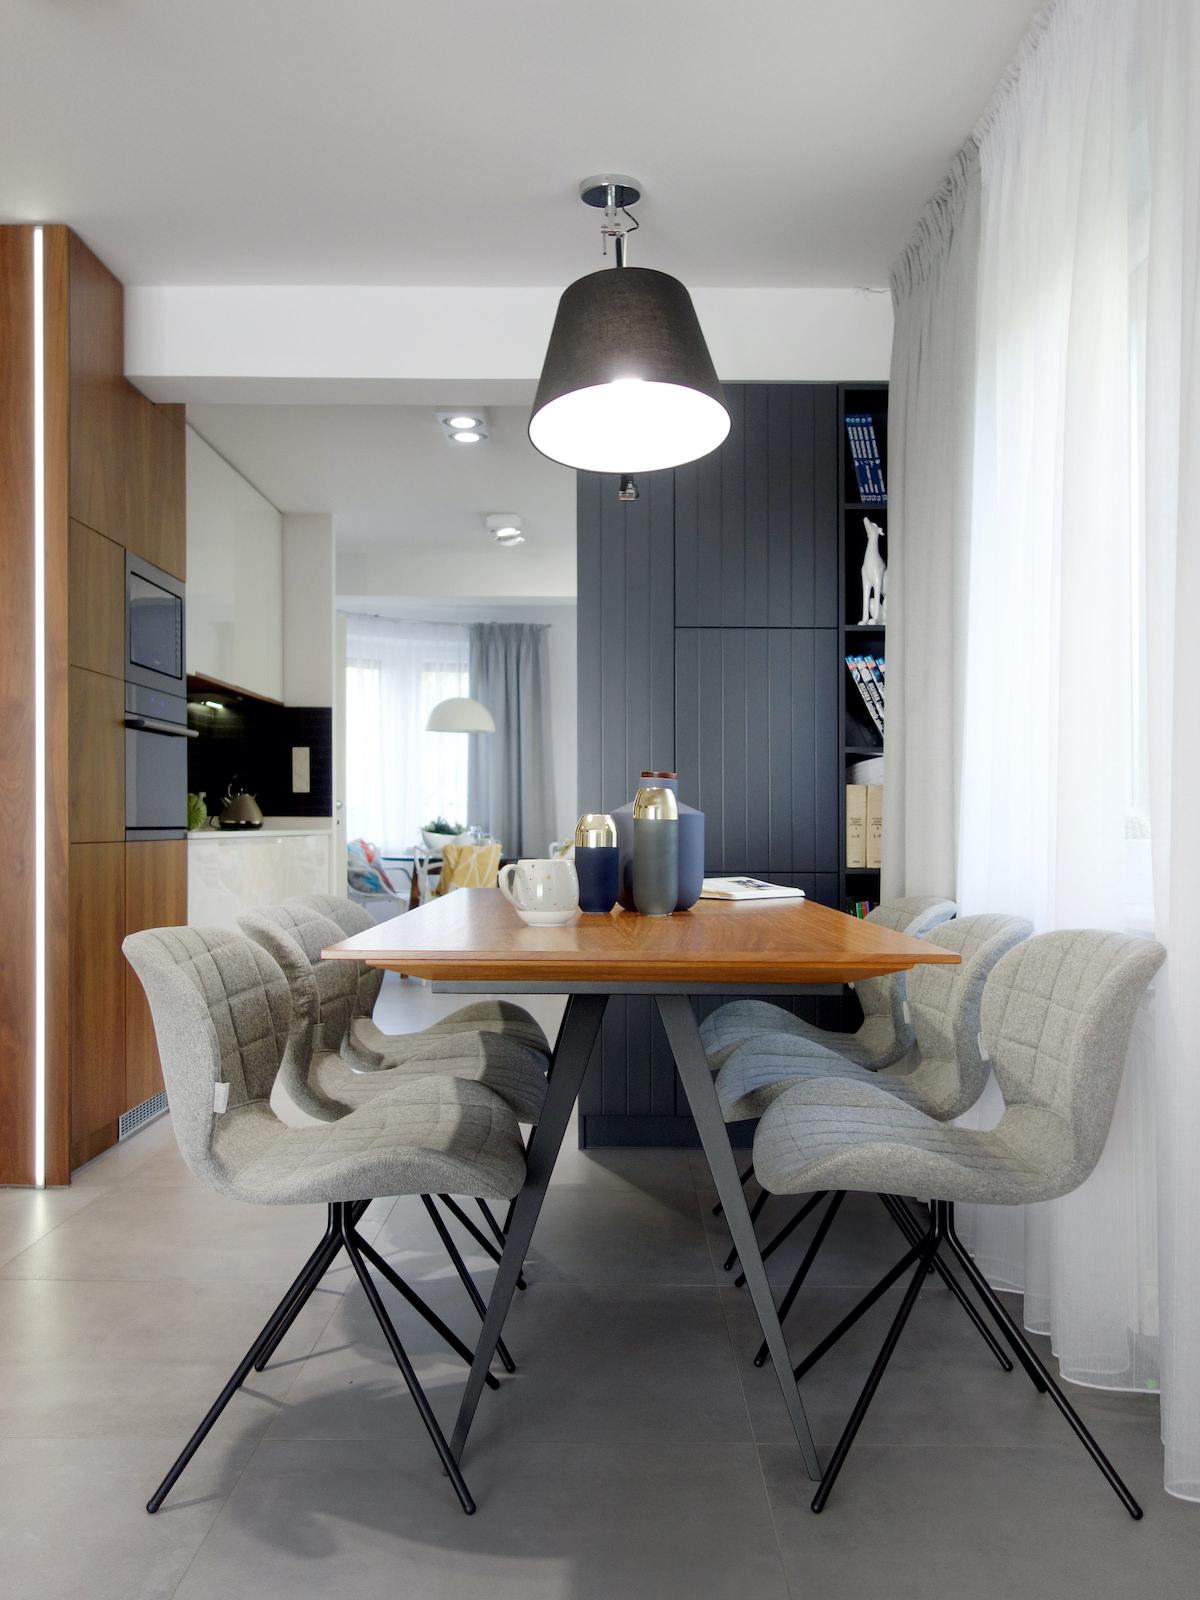 10 projektant wnetrz R056 dom dabrowa gornicza jadalnia przy kuchni stol na metalowych nogach szare krzesla lampa nad stolem